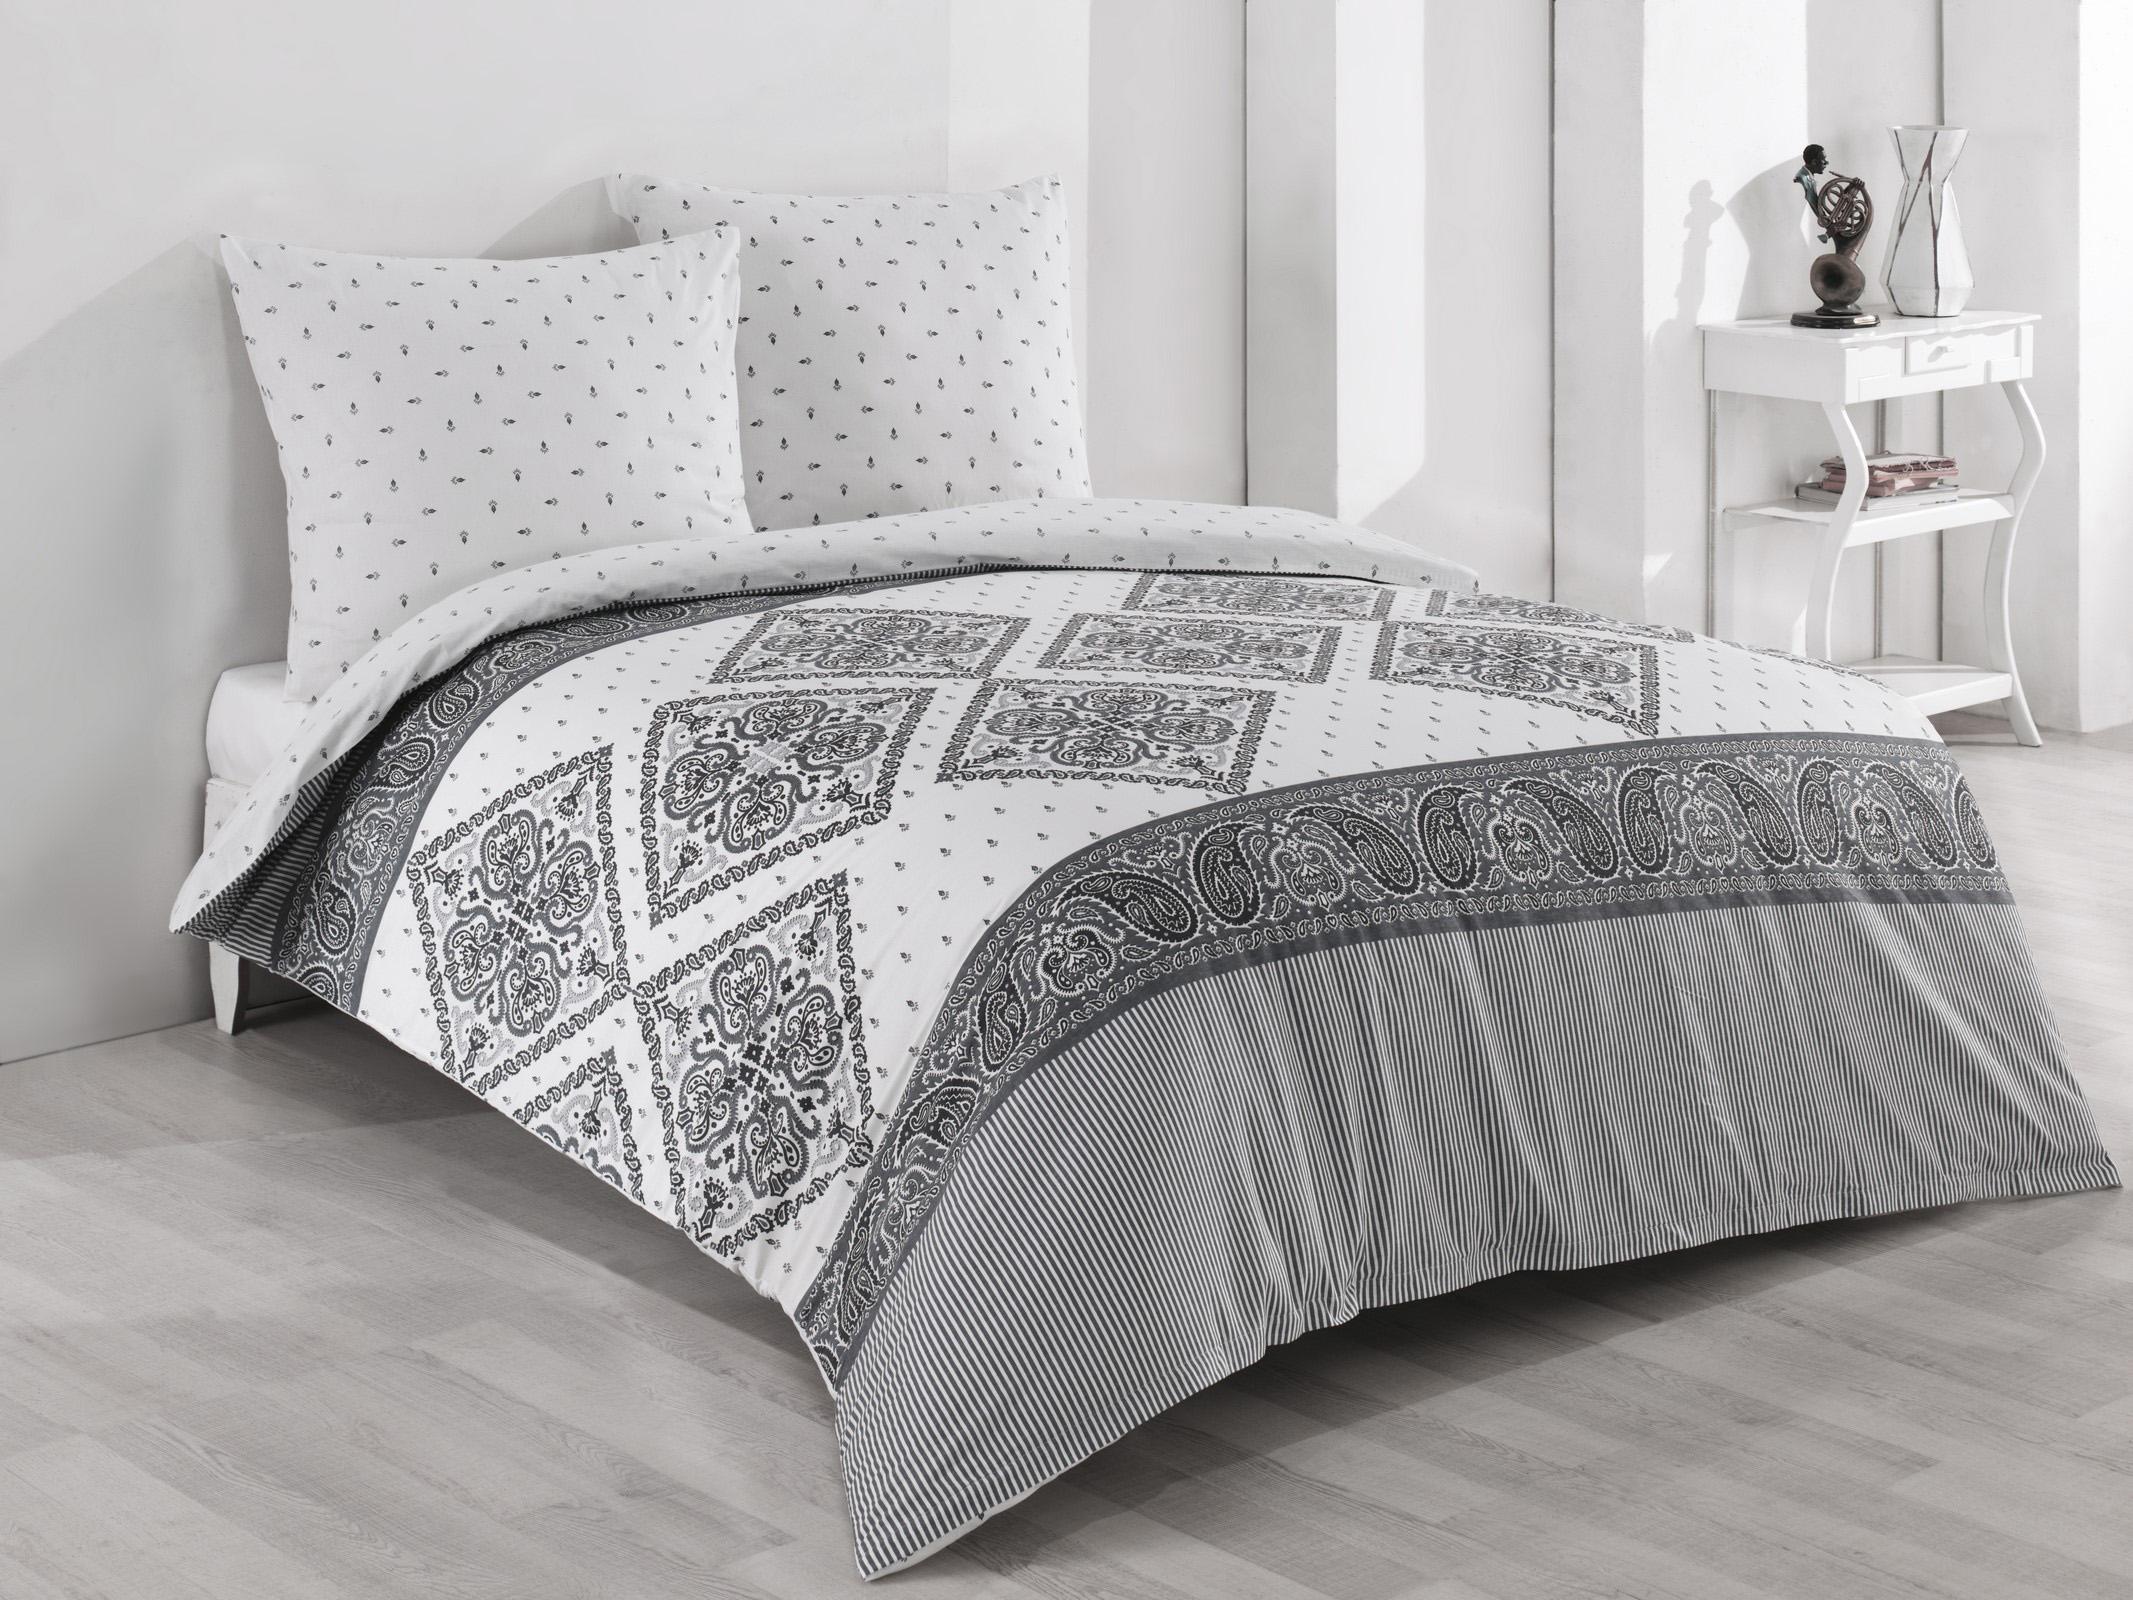 Bettwäsche 200x200 2x 80x80 Cm Baumwolle Renforce Weiß Grau